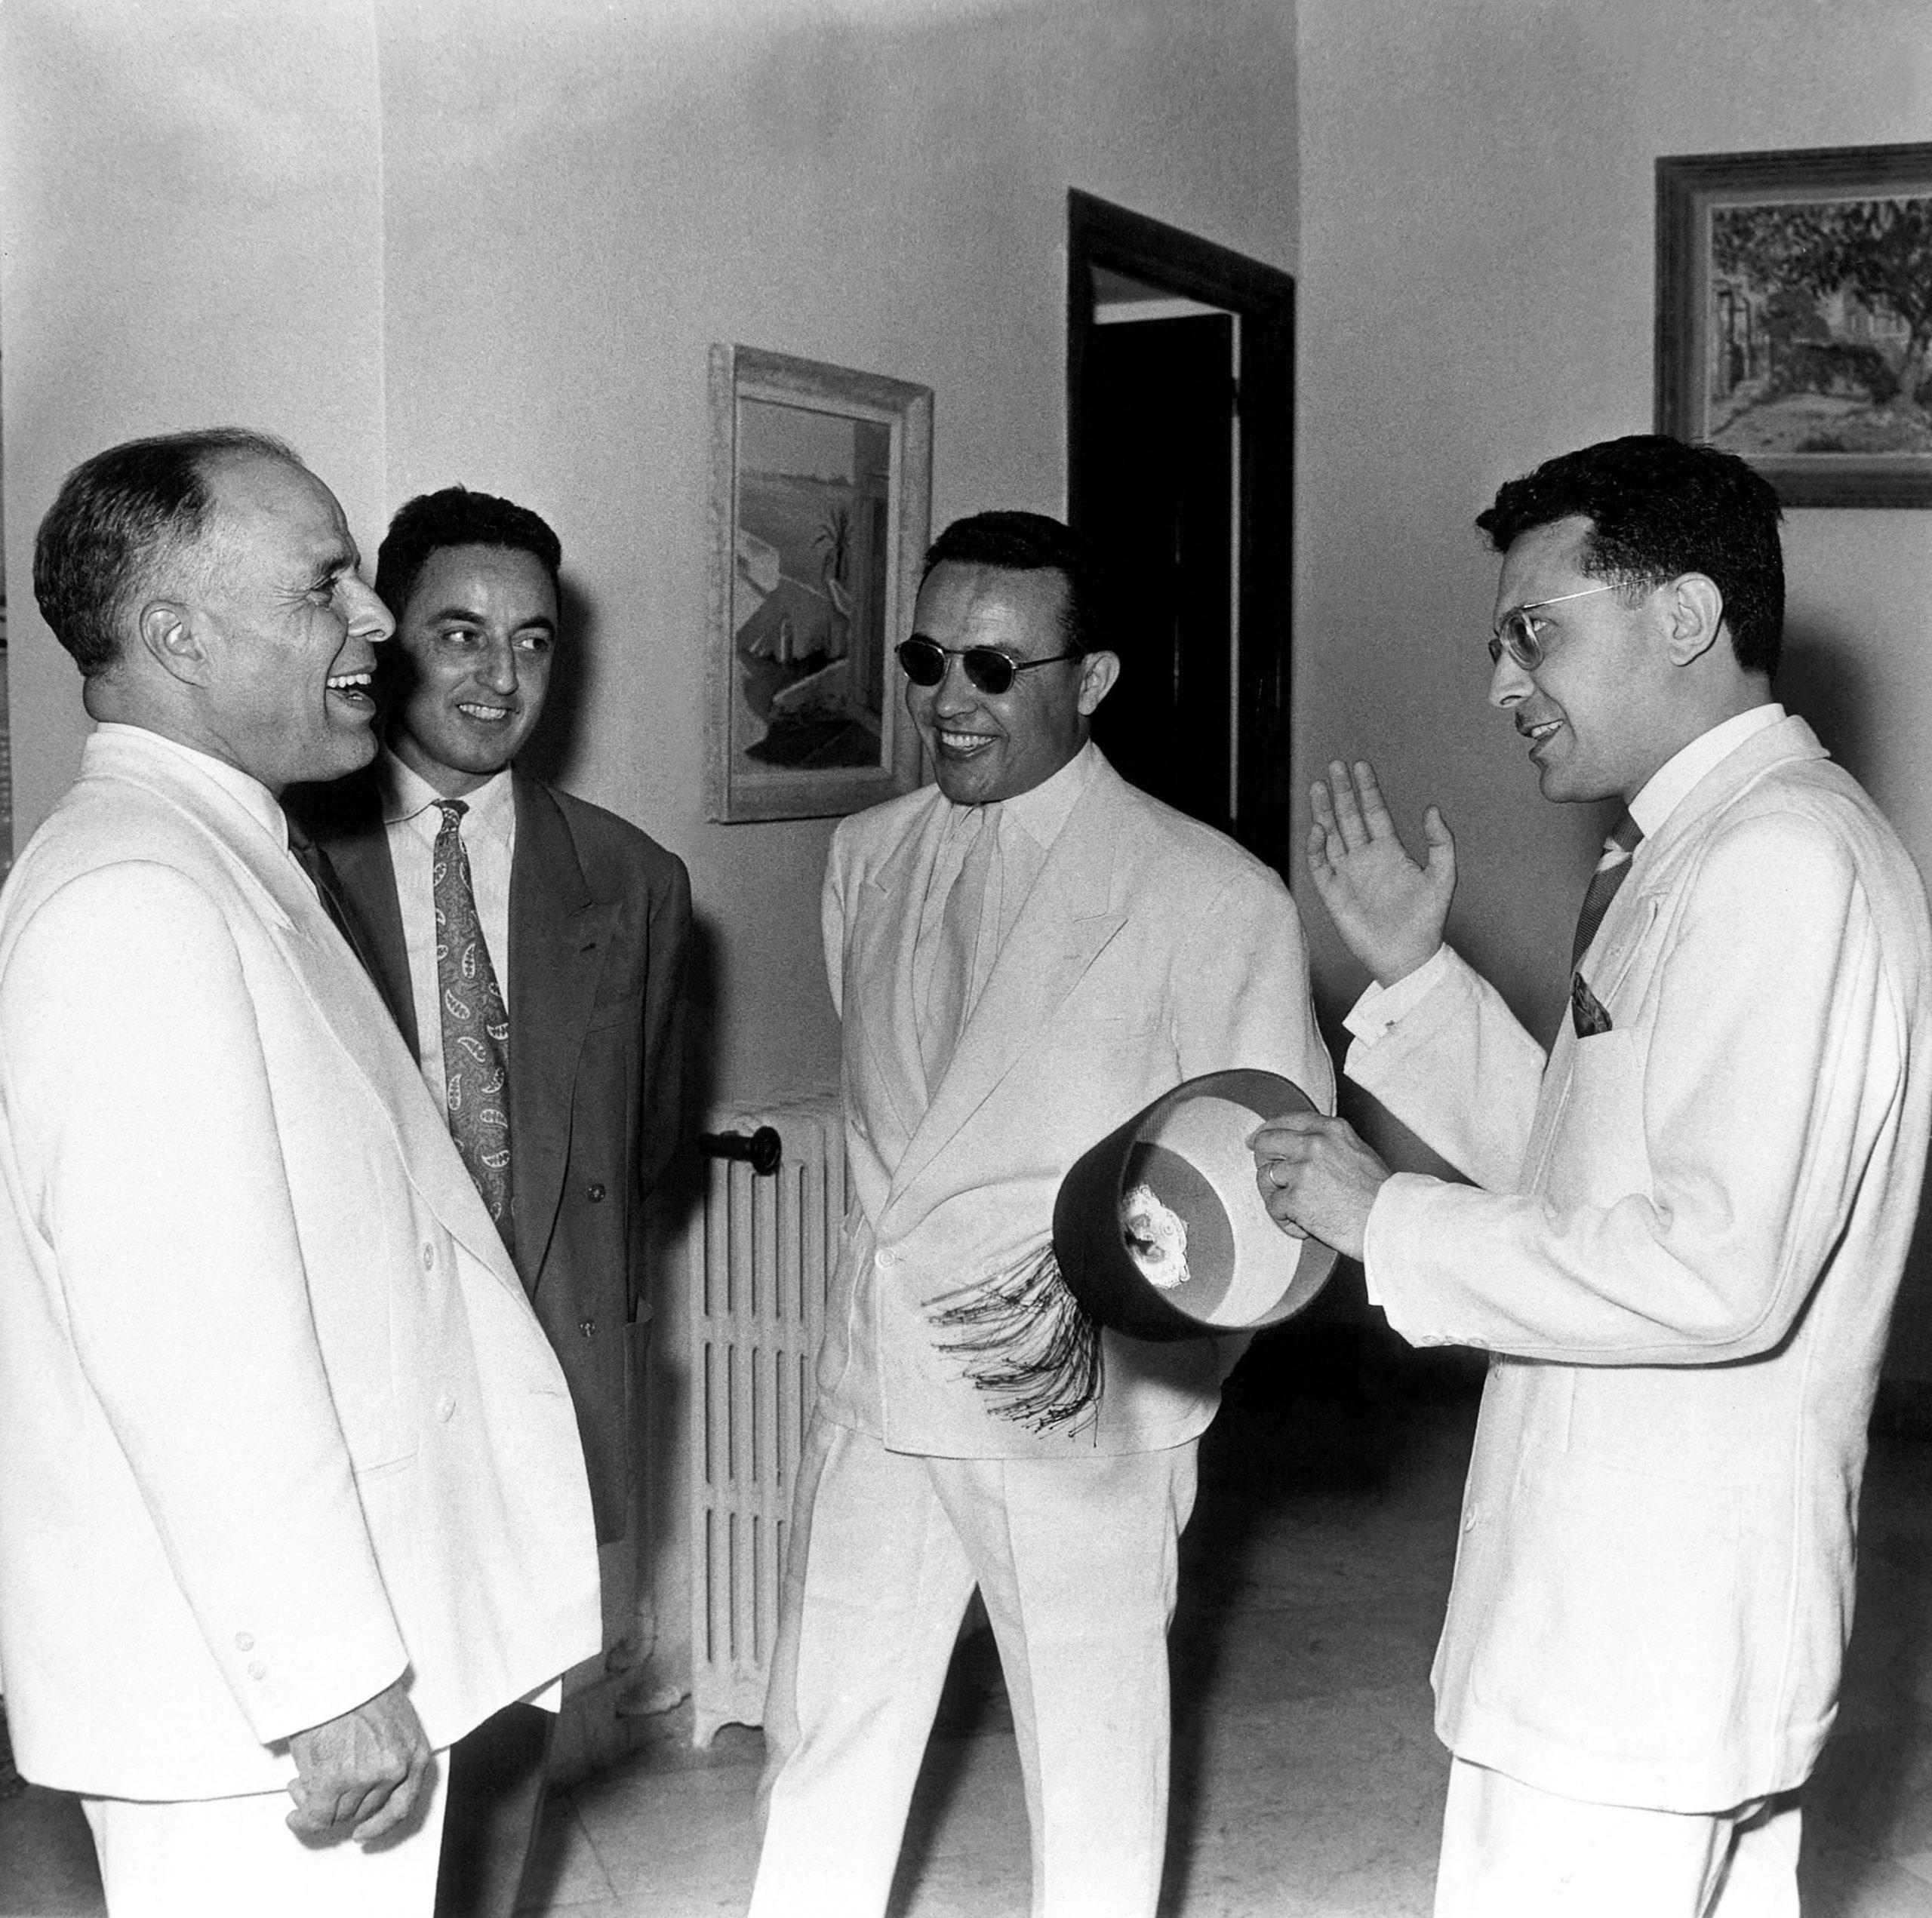 Le président Habib Bourguiba (à g.), Béchir Ben Yahmed, ministre de l'Information (avec des lunettes de soleil) et Ahmed Mestiri, ministre des Finance, à Tunis, en juillet 1957.